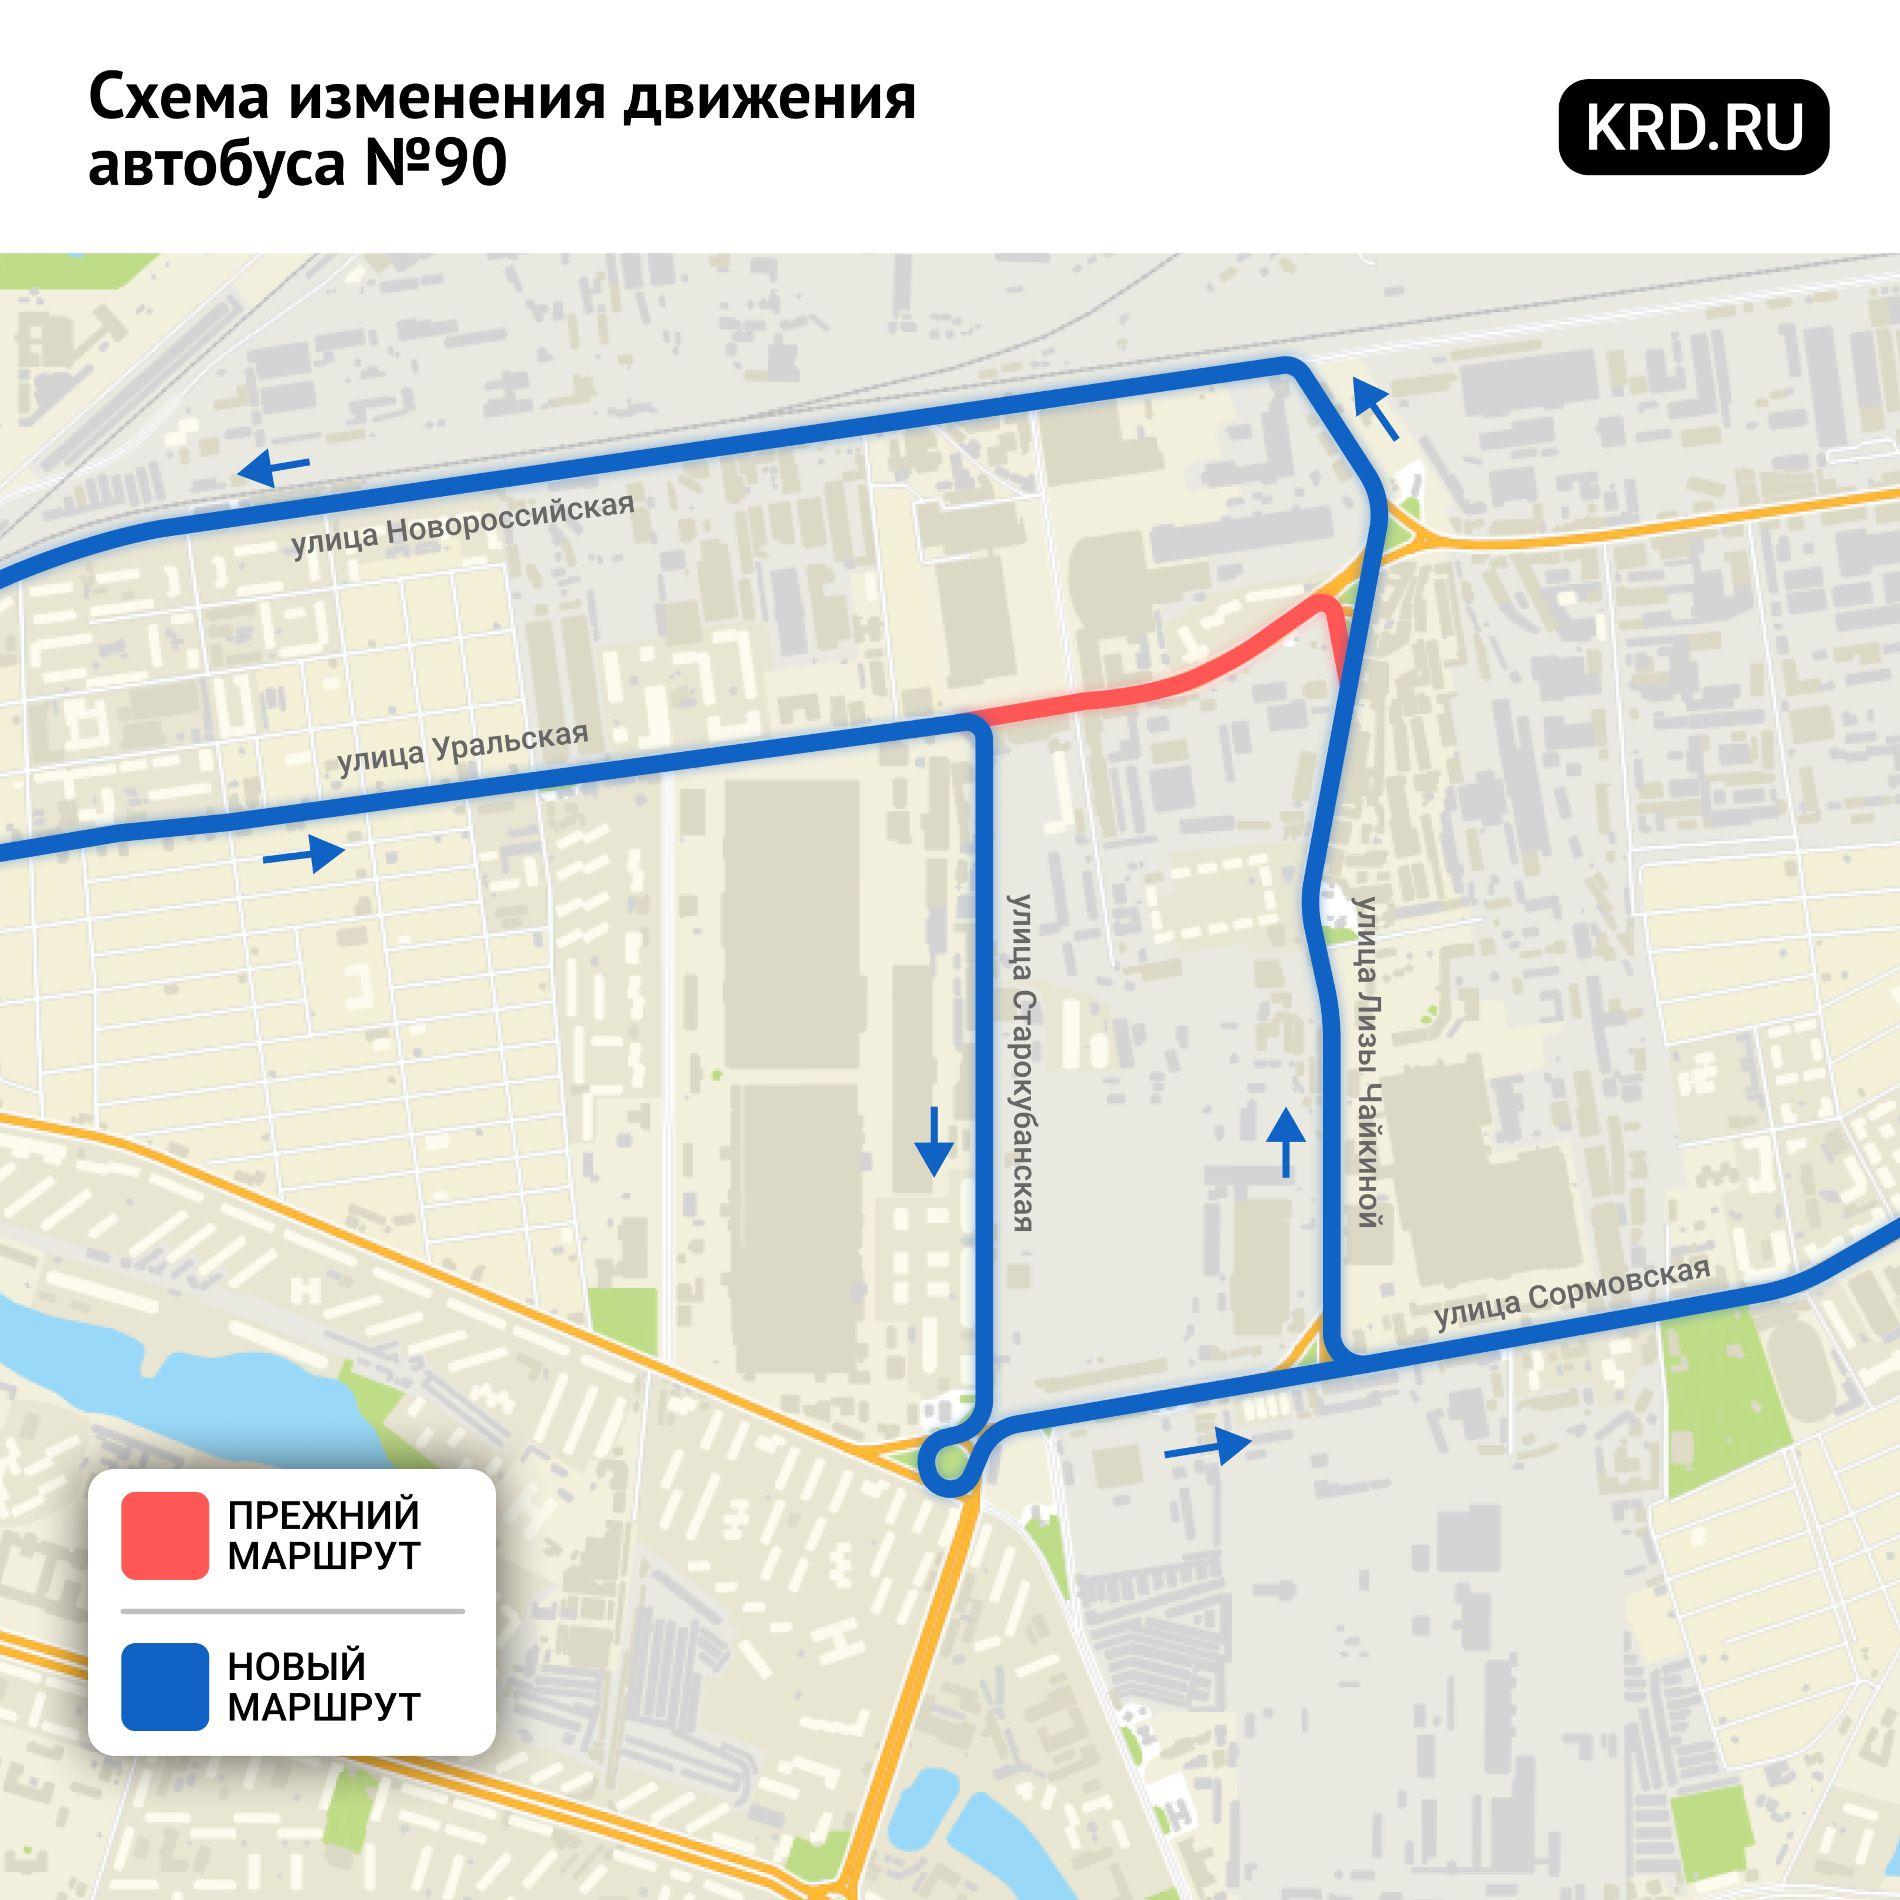 Временная схема маршрута автобуса № 90 ©Графика пресс-службы администрации Краснодара